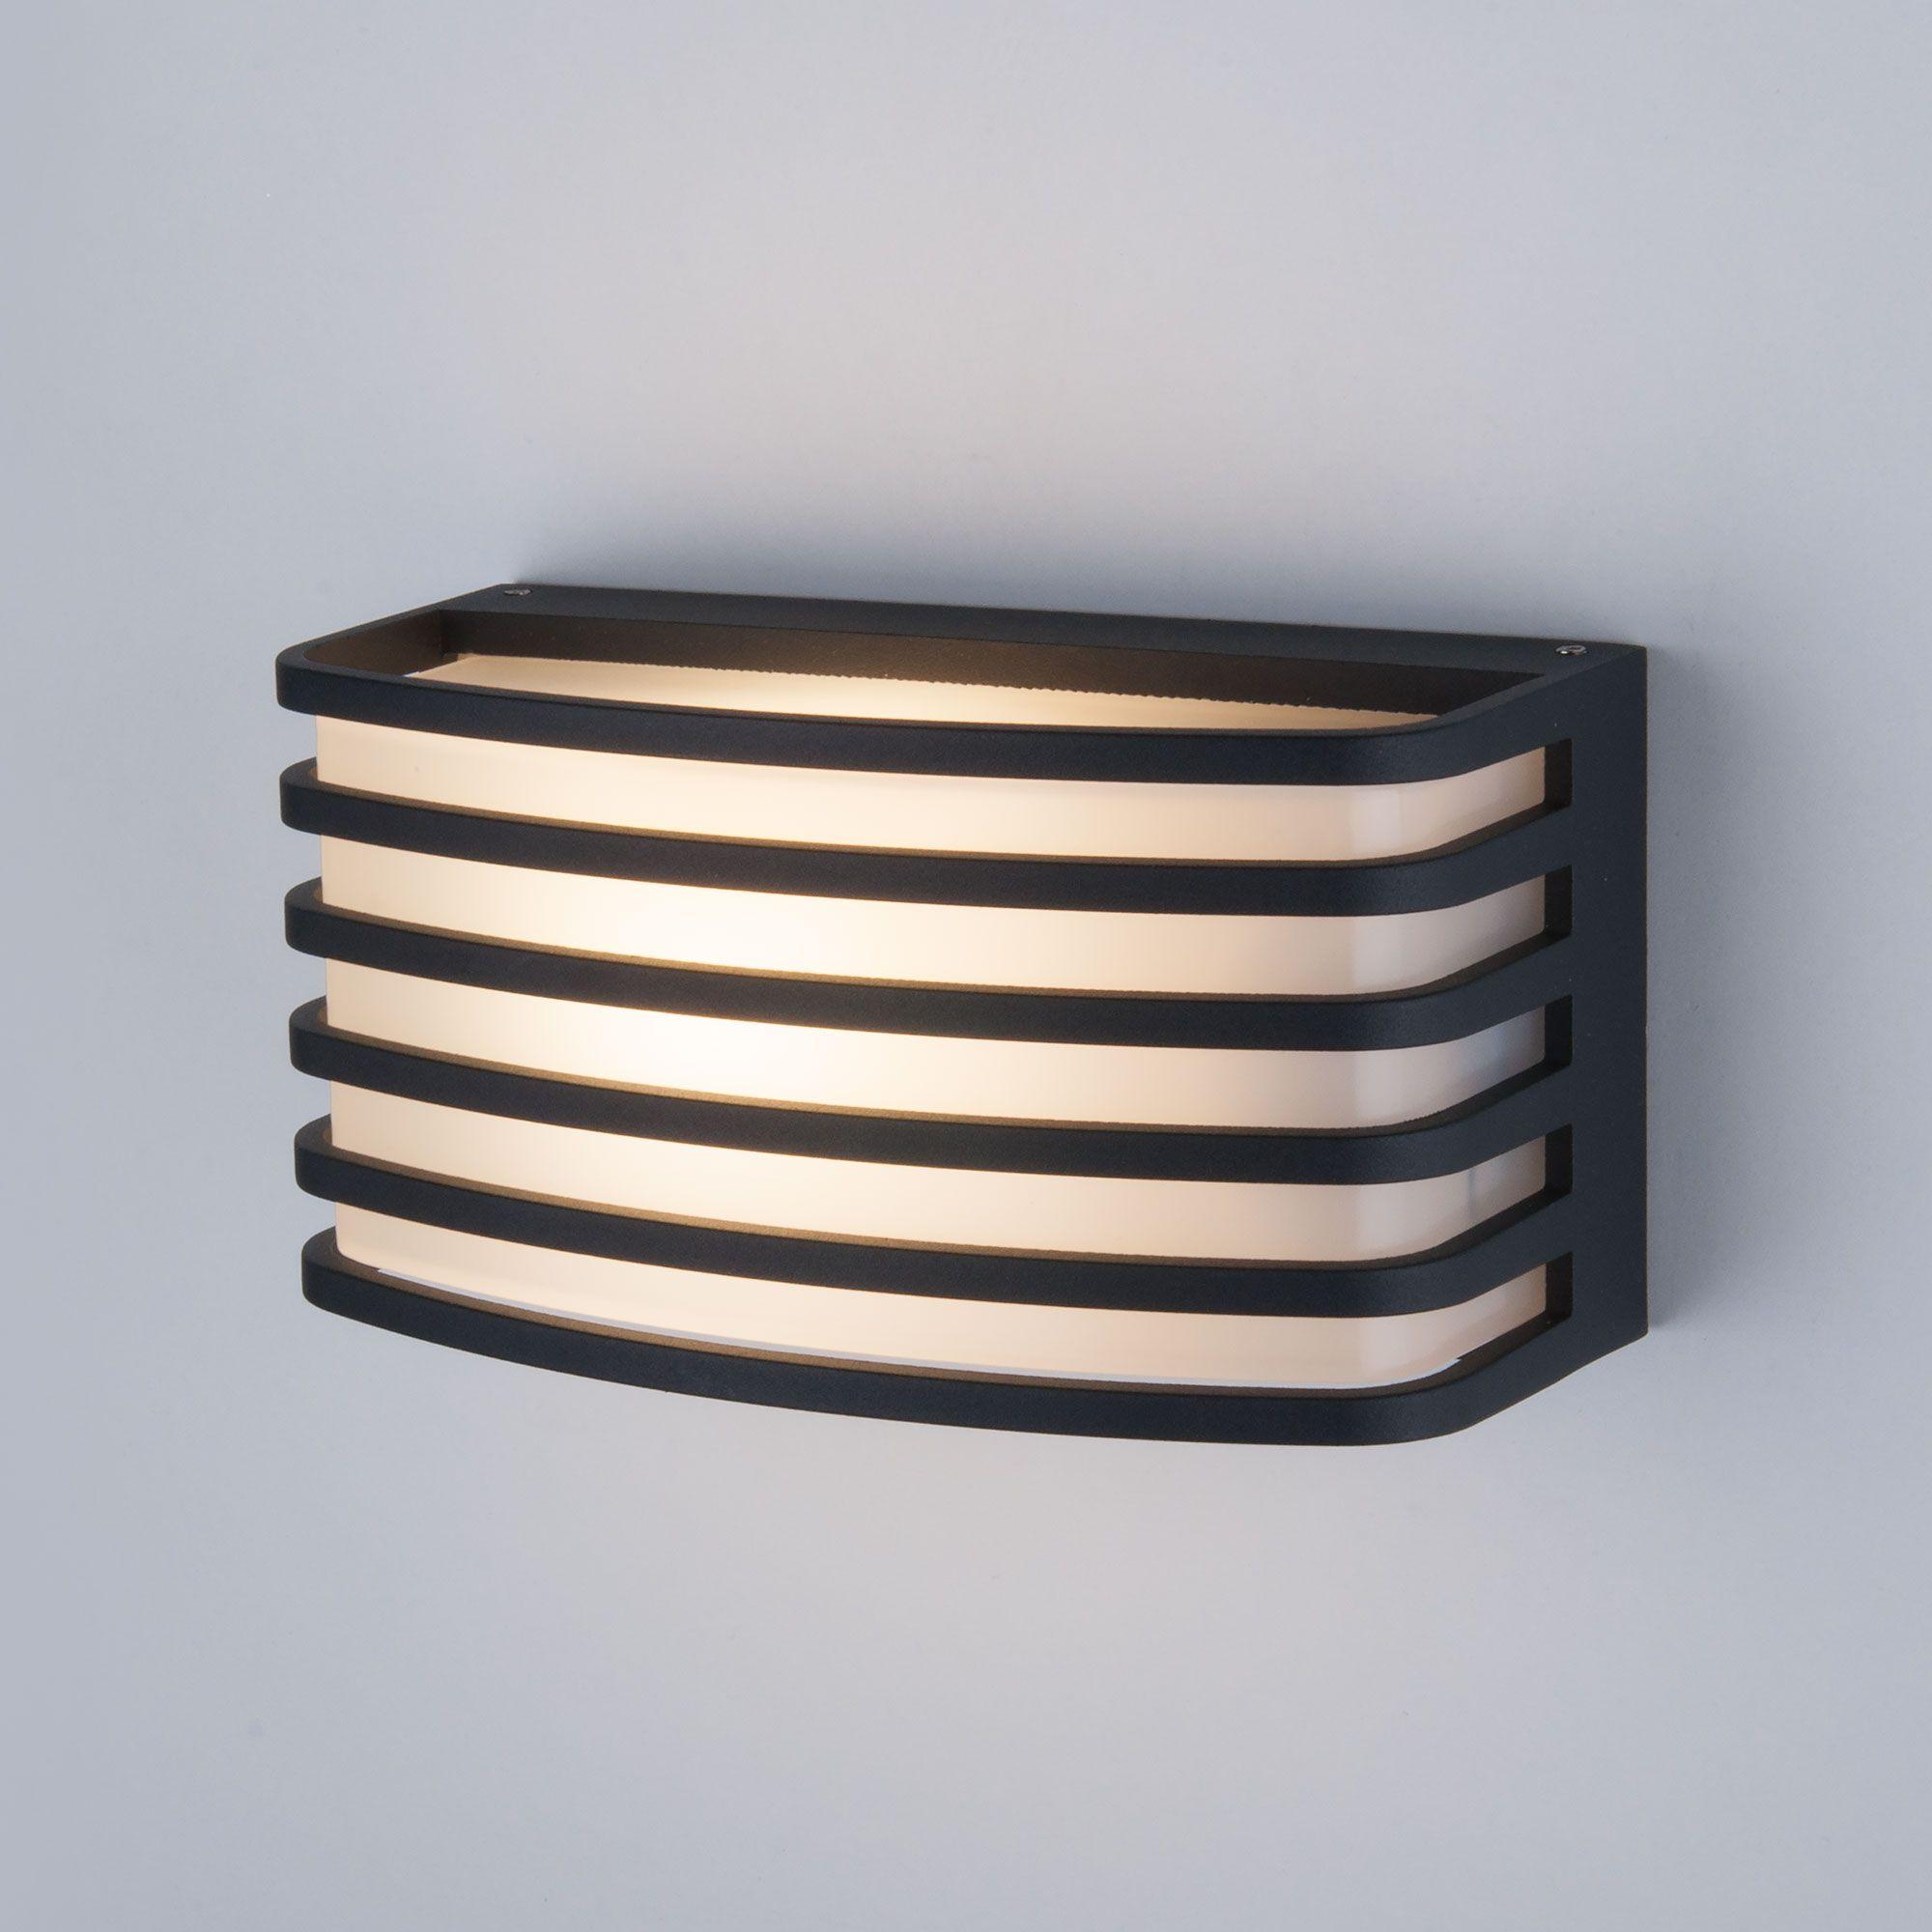 Настенный уличный светильник 1409 TECHNO черный IP54 1409 TECHNO